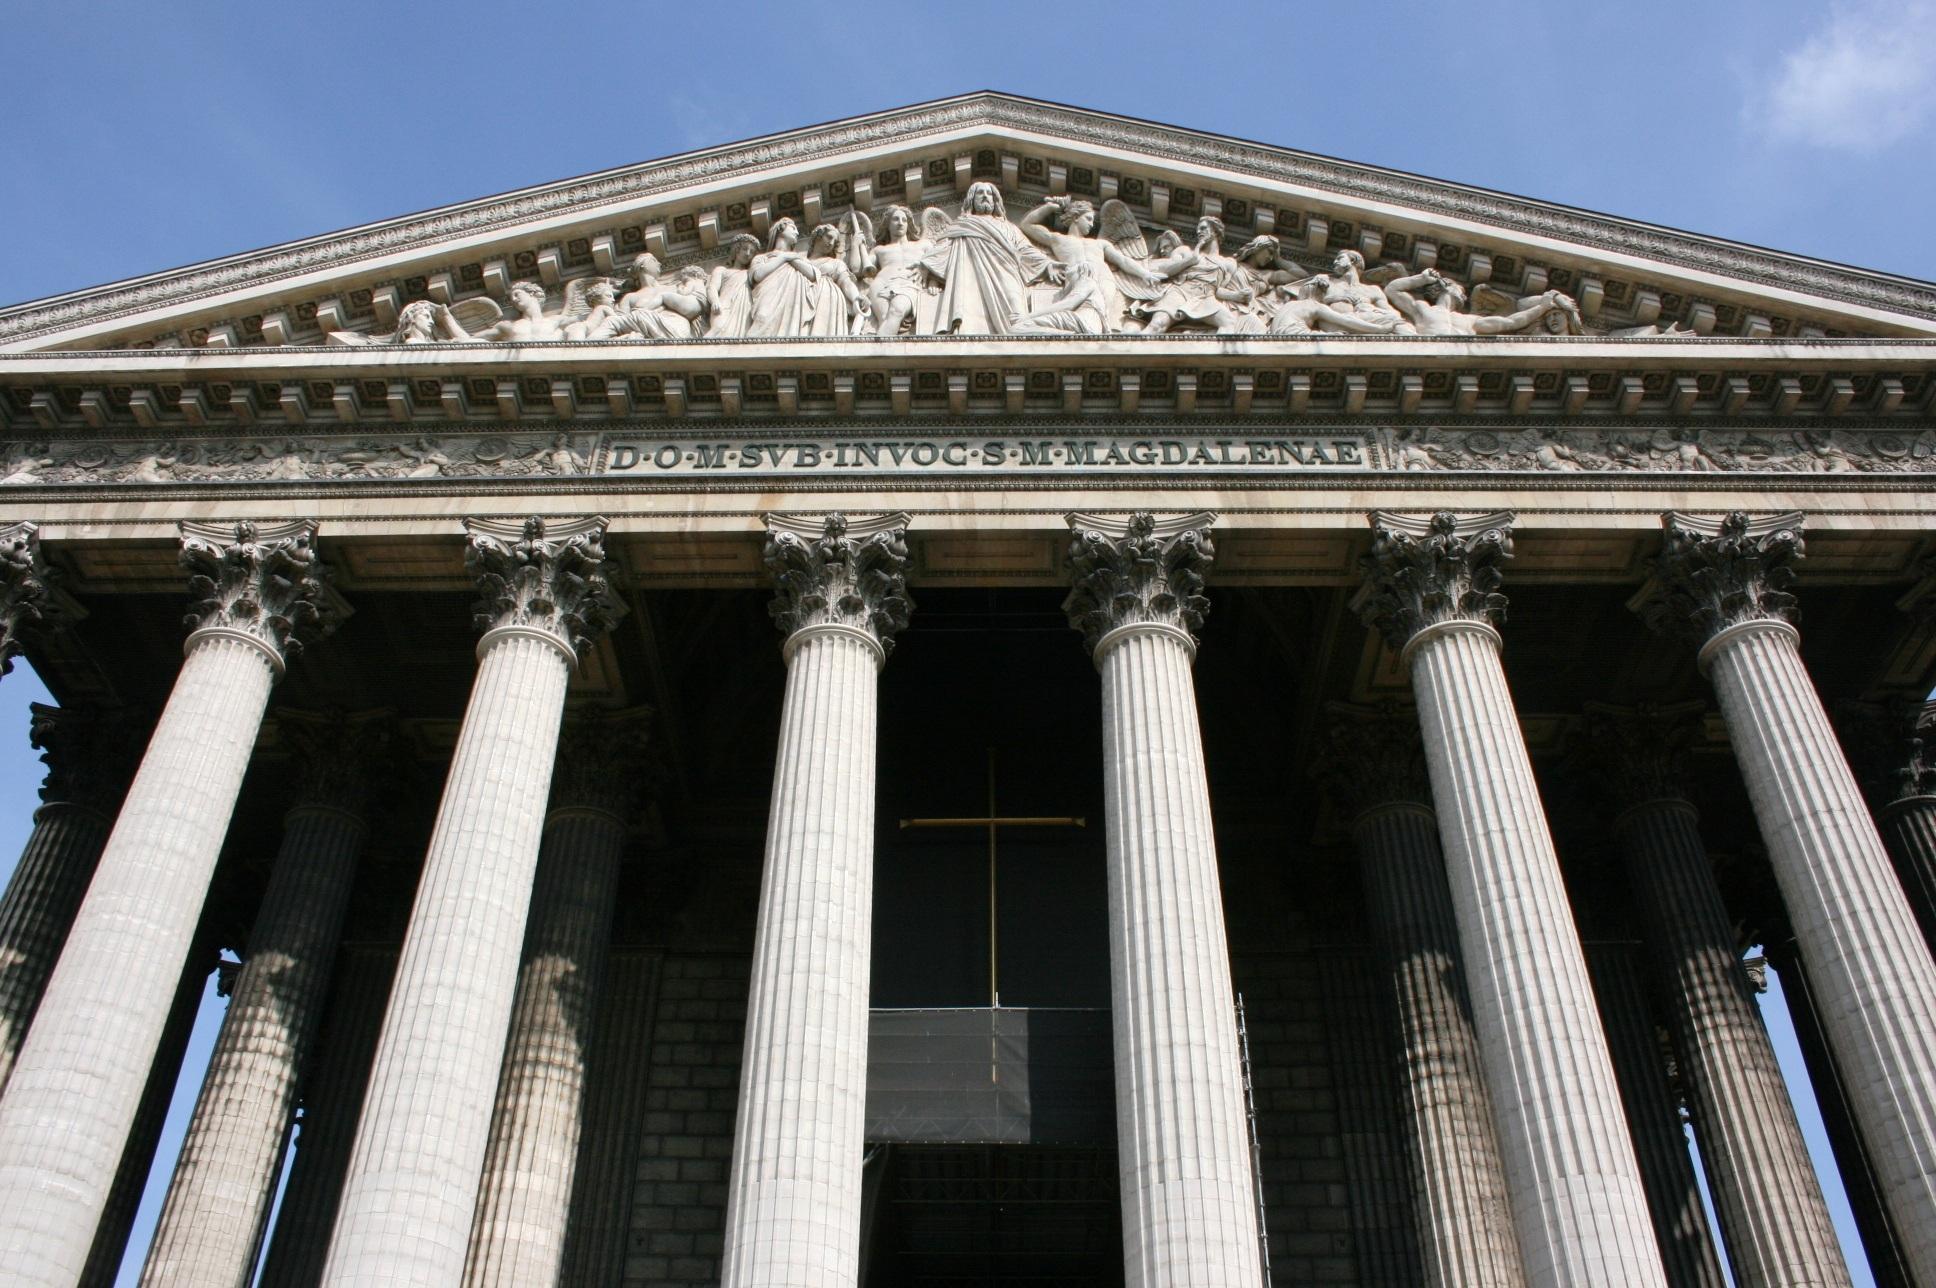 Roman Architecture Columns free images : structure, building, palace, paris, column, opera